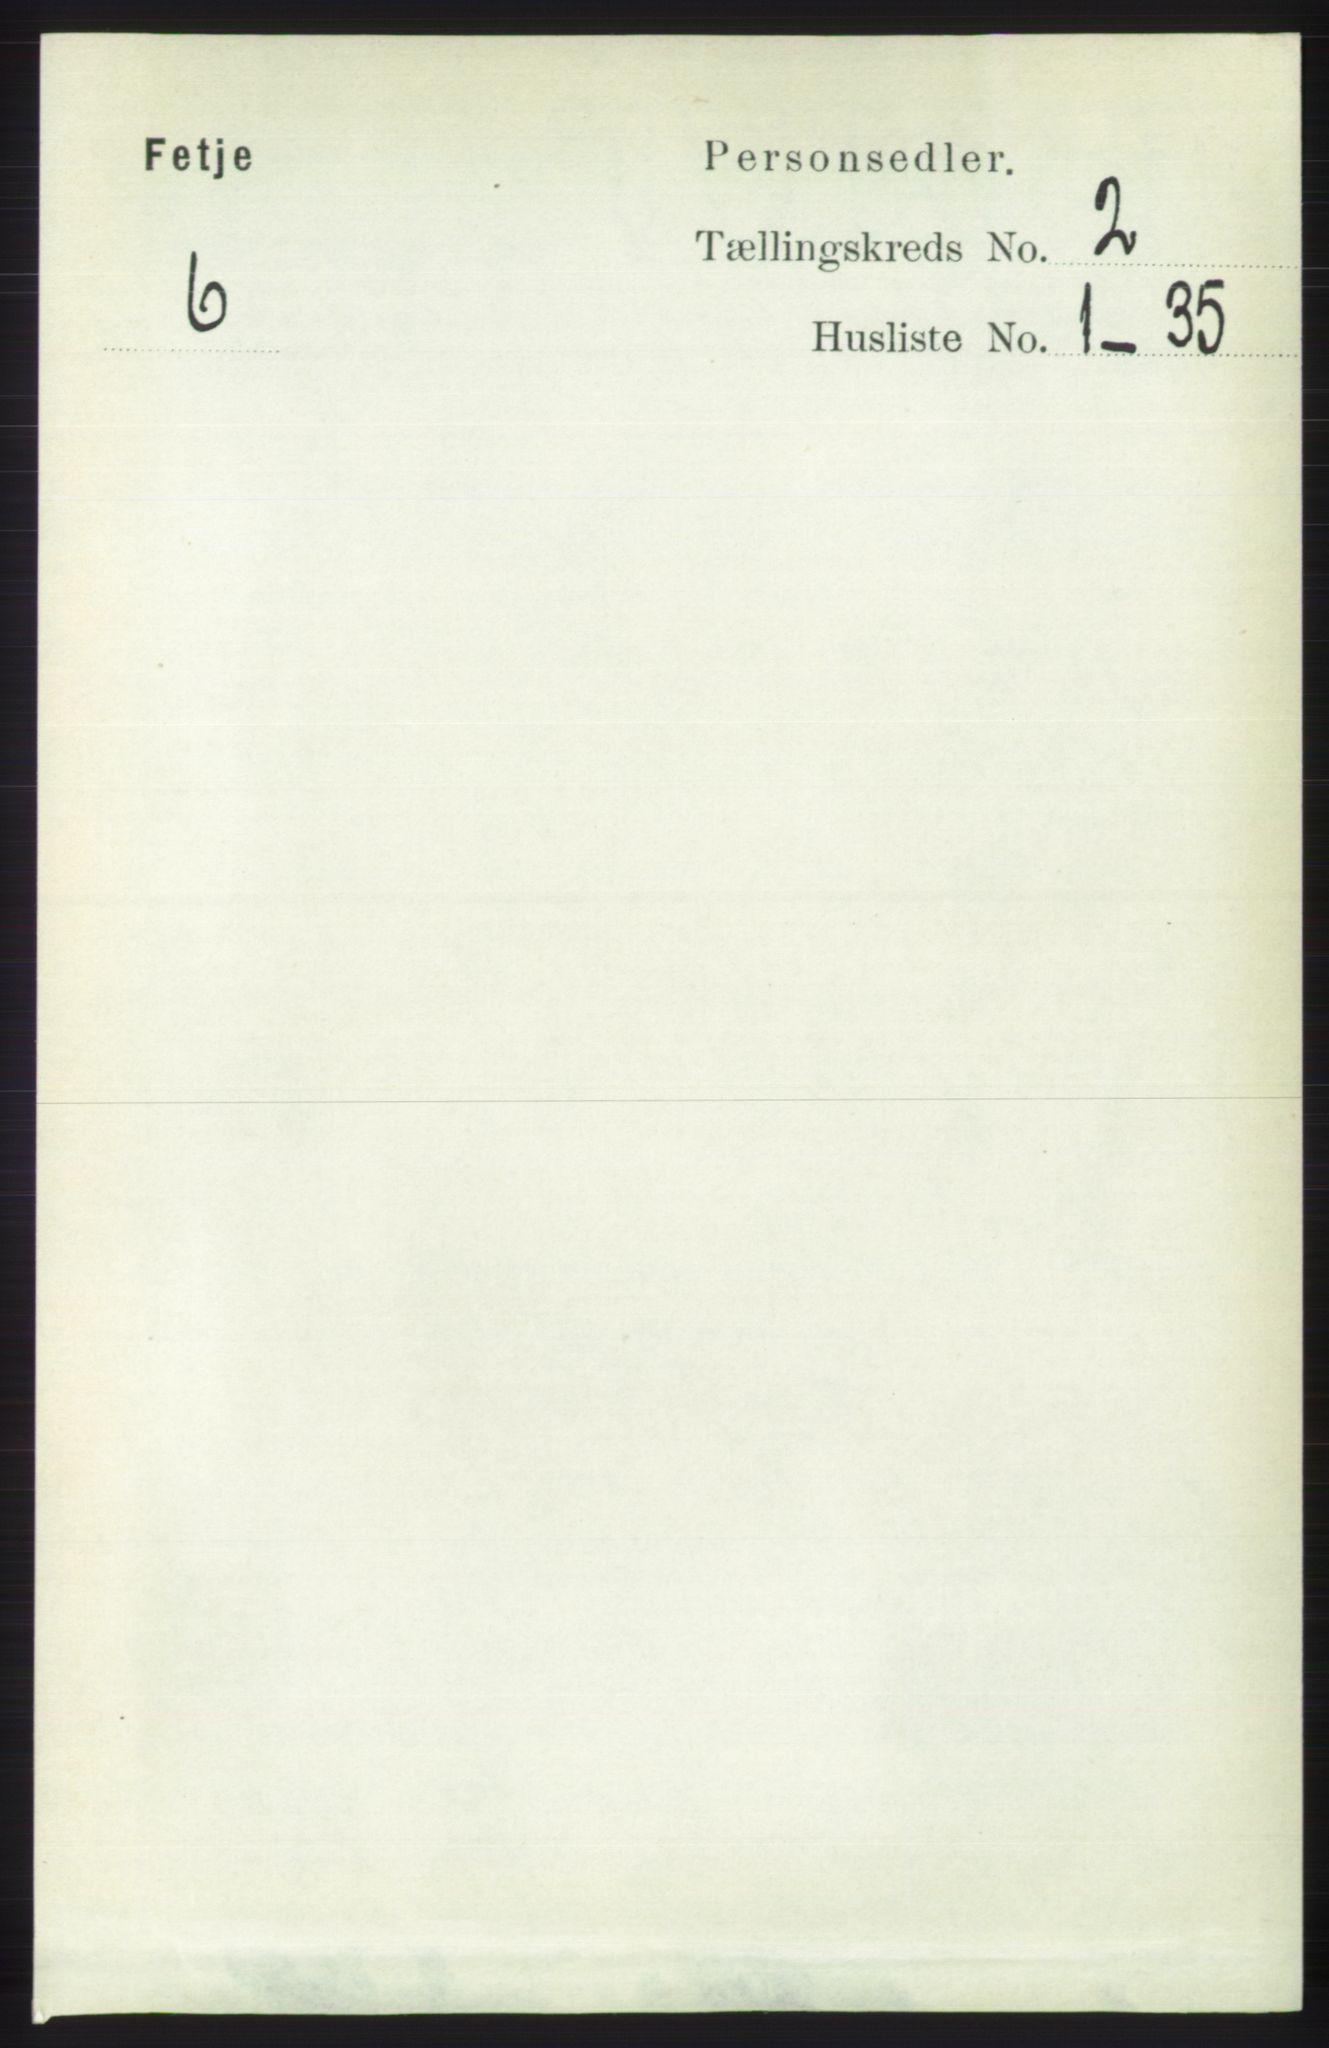 RA, Folketelling 1891 for 1222 Fitjar herred, 1891, s. 646